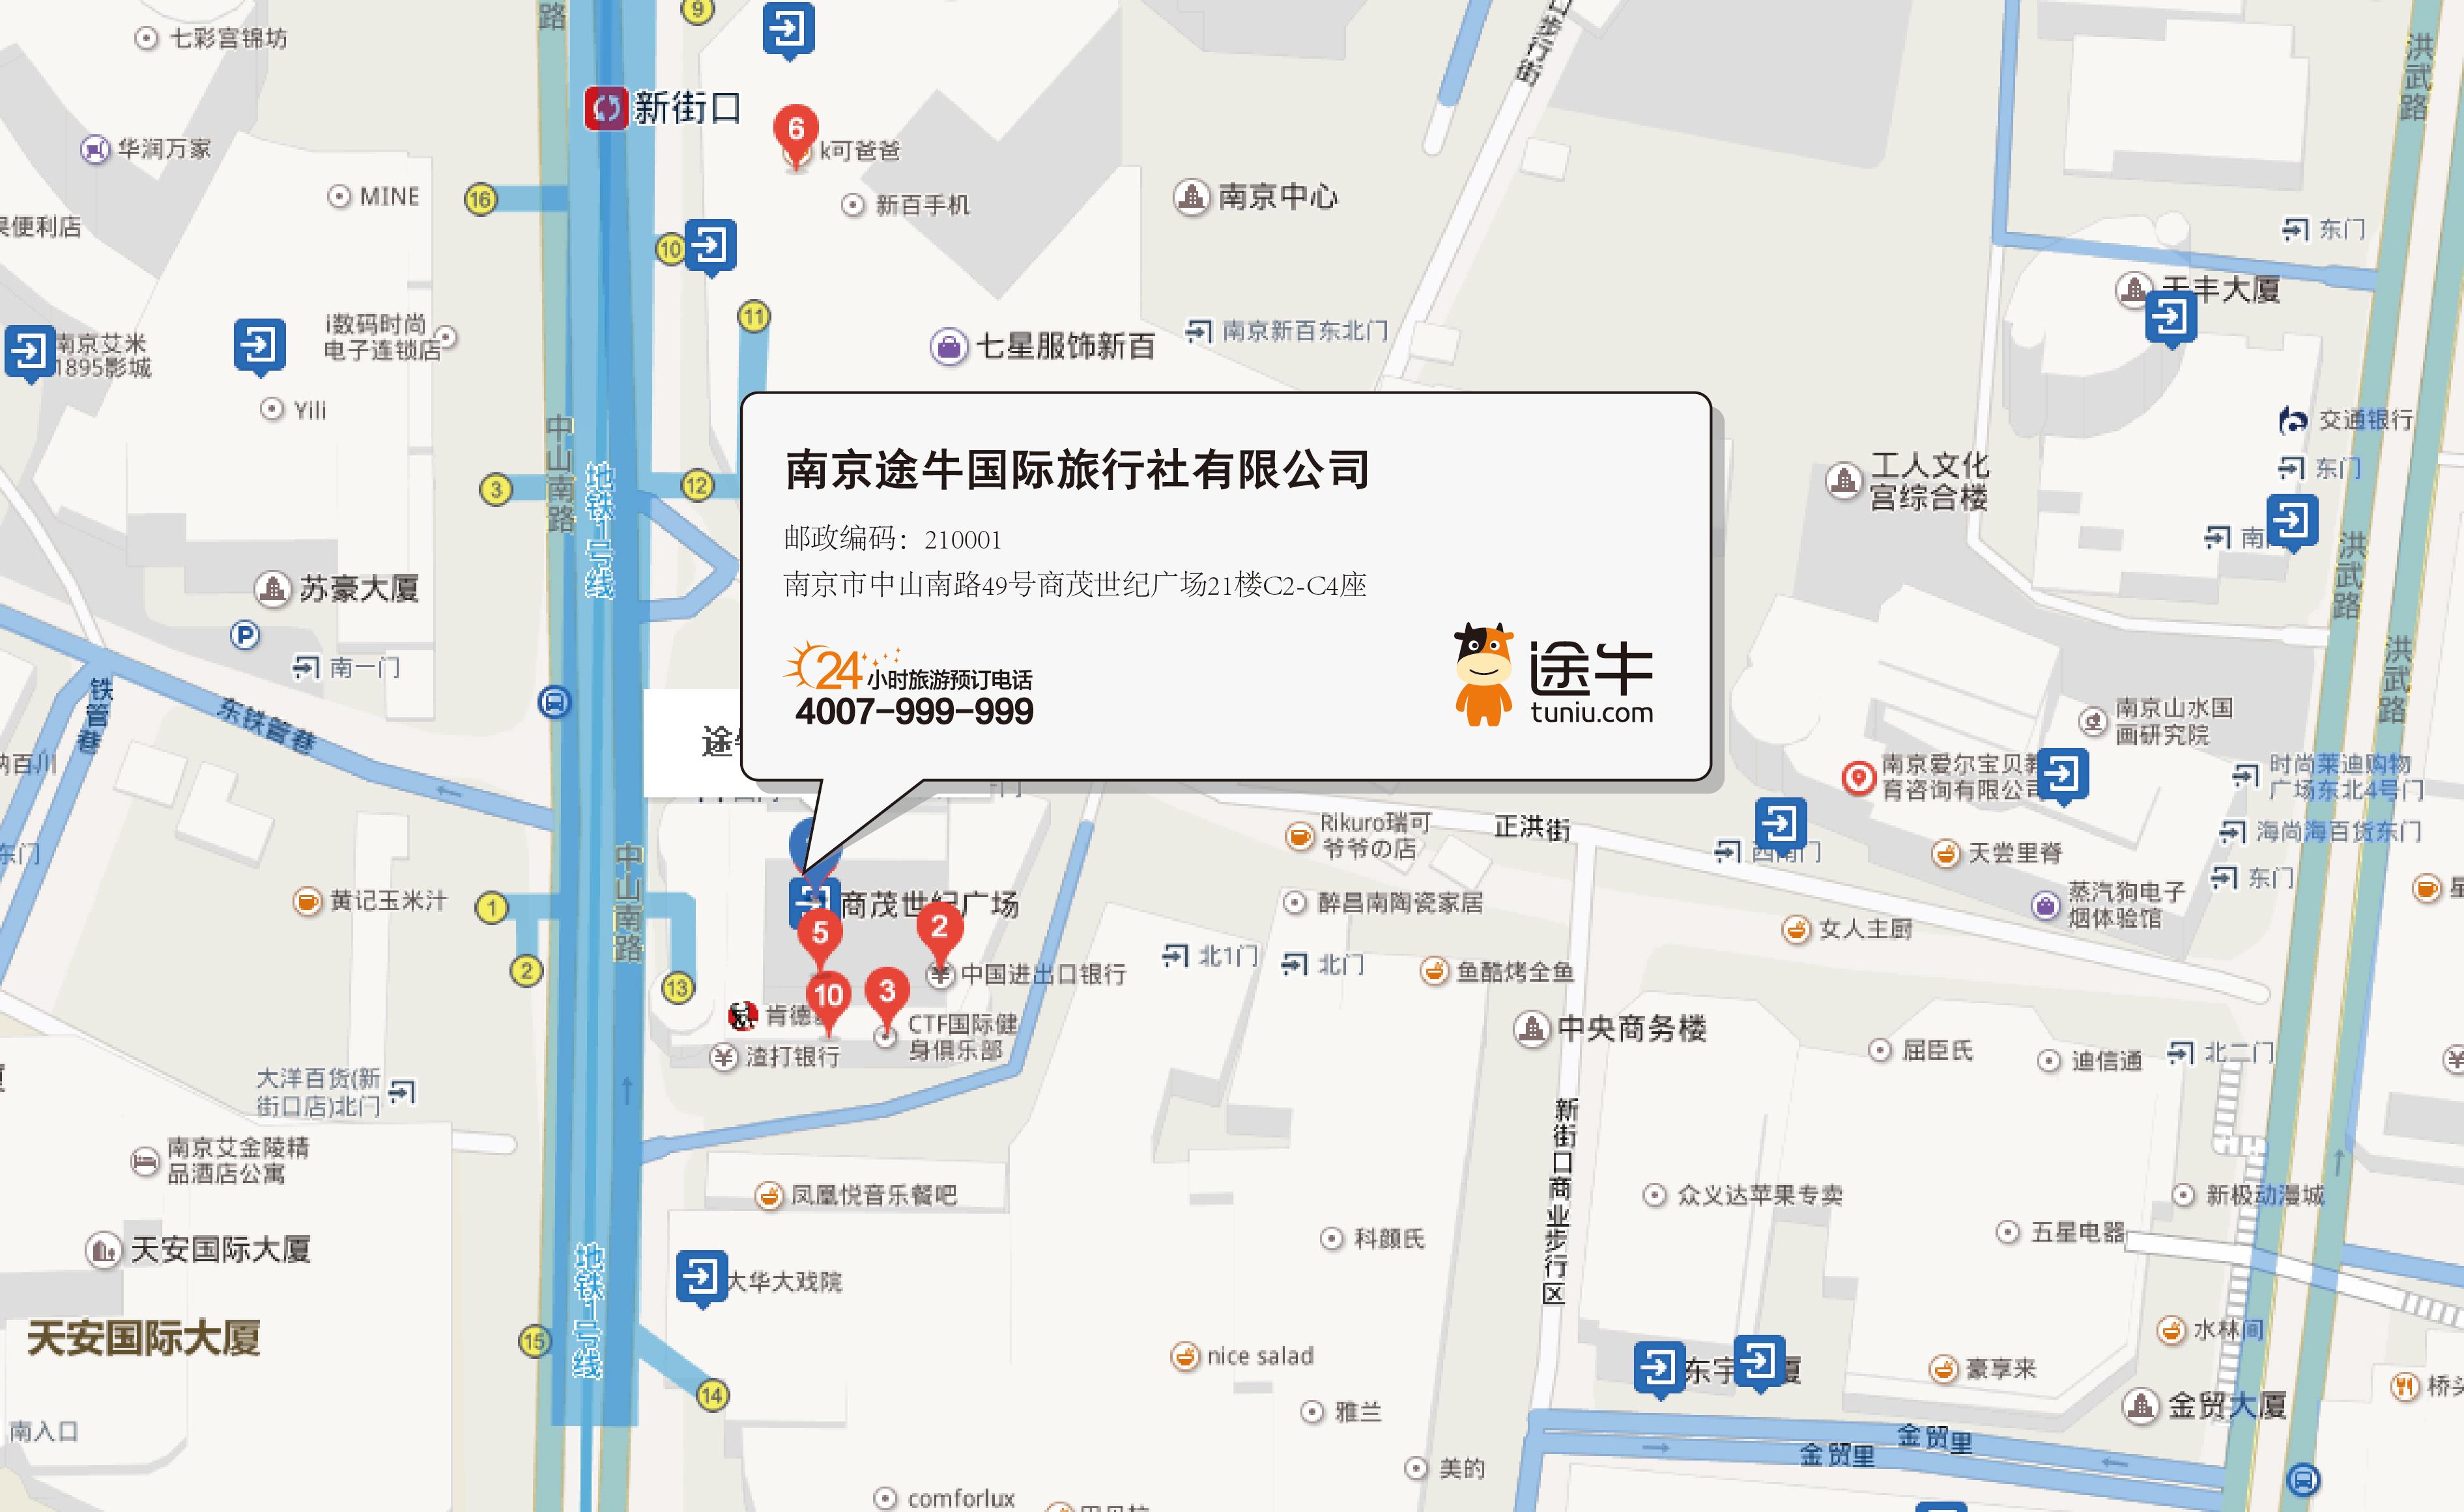 南京途牛国际旅行社有限公司地图